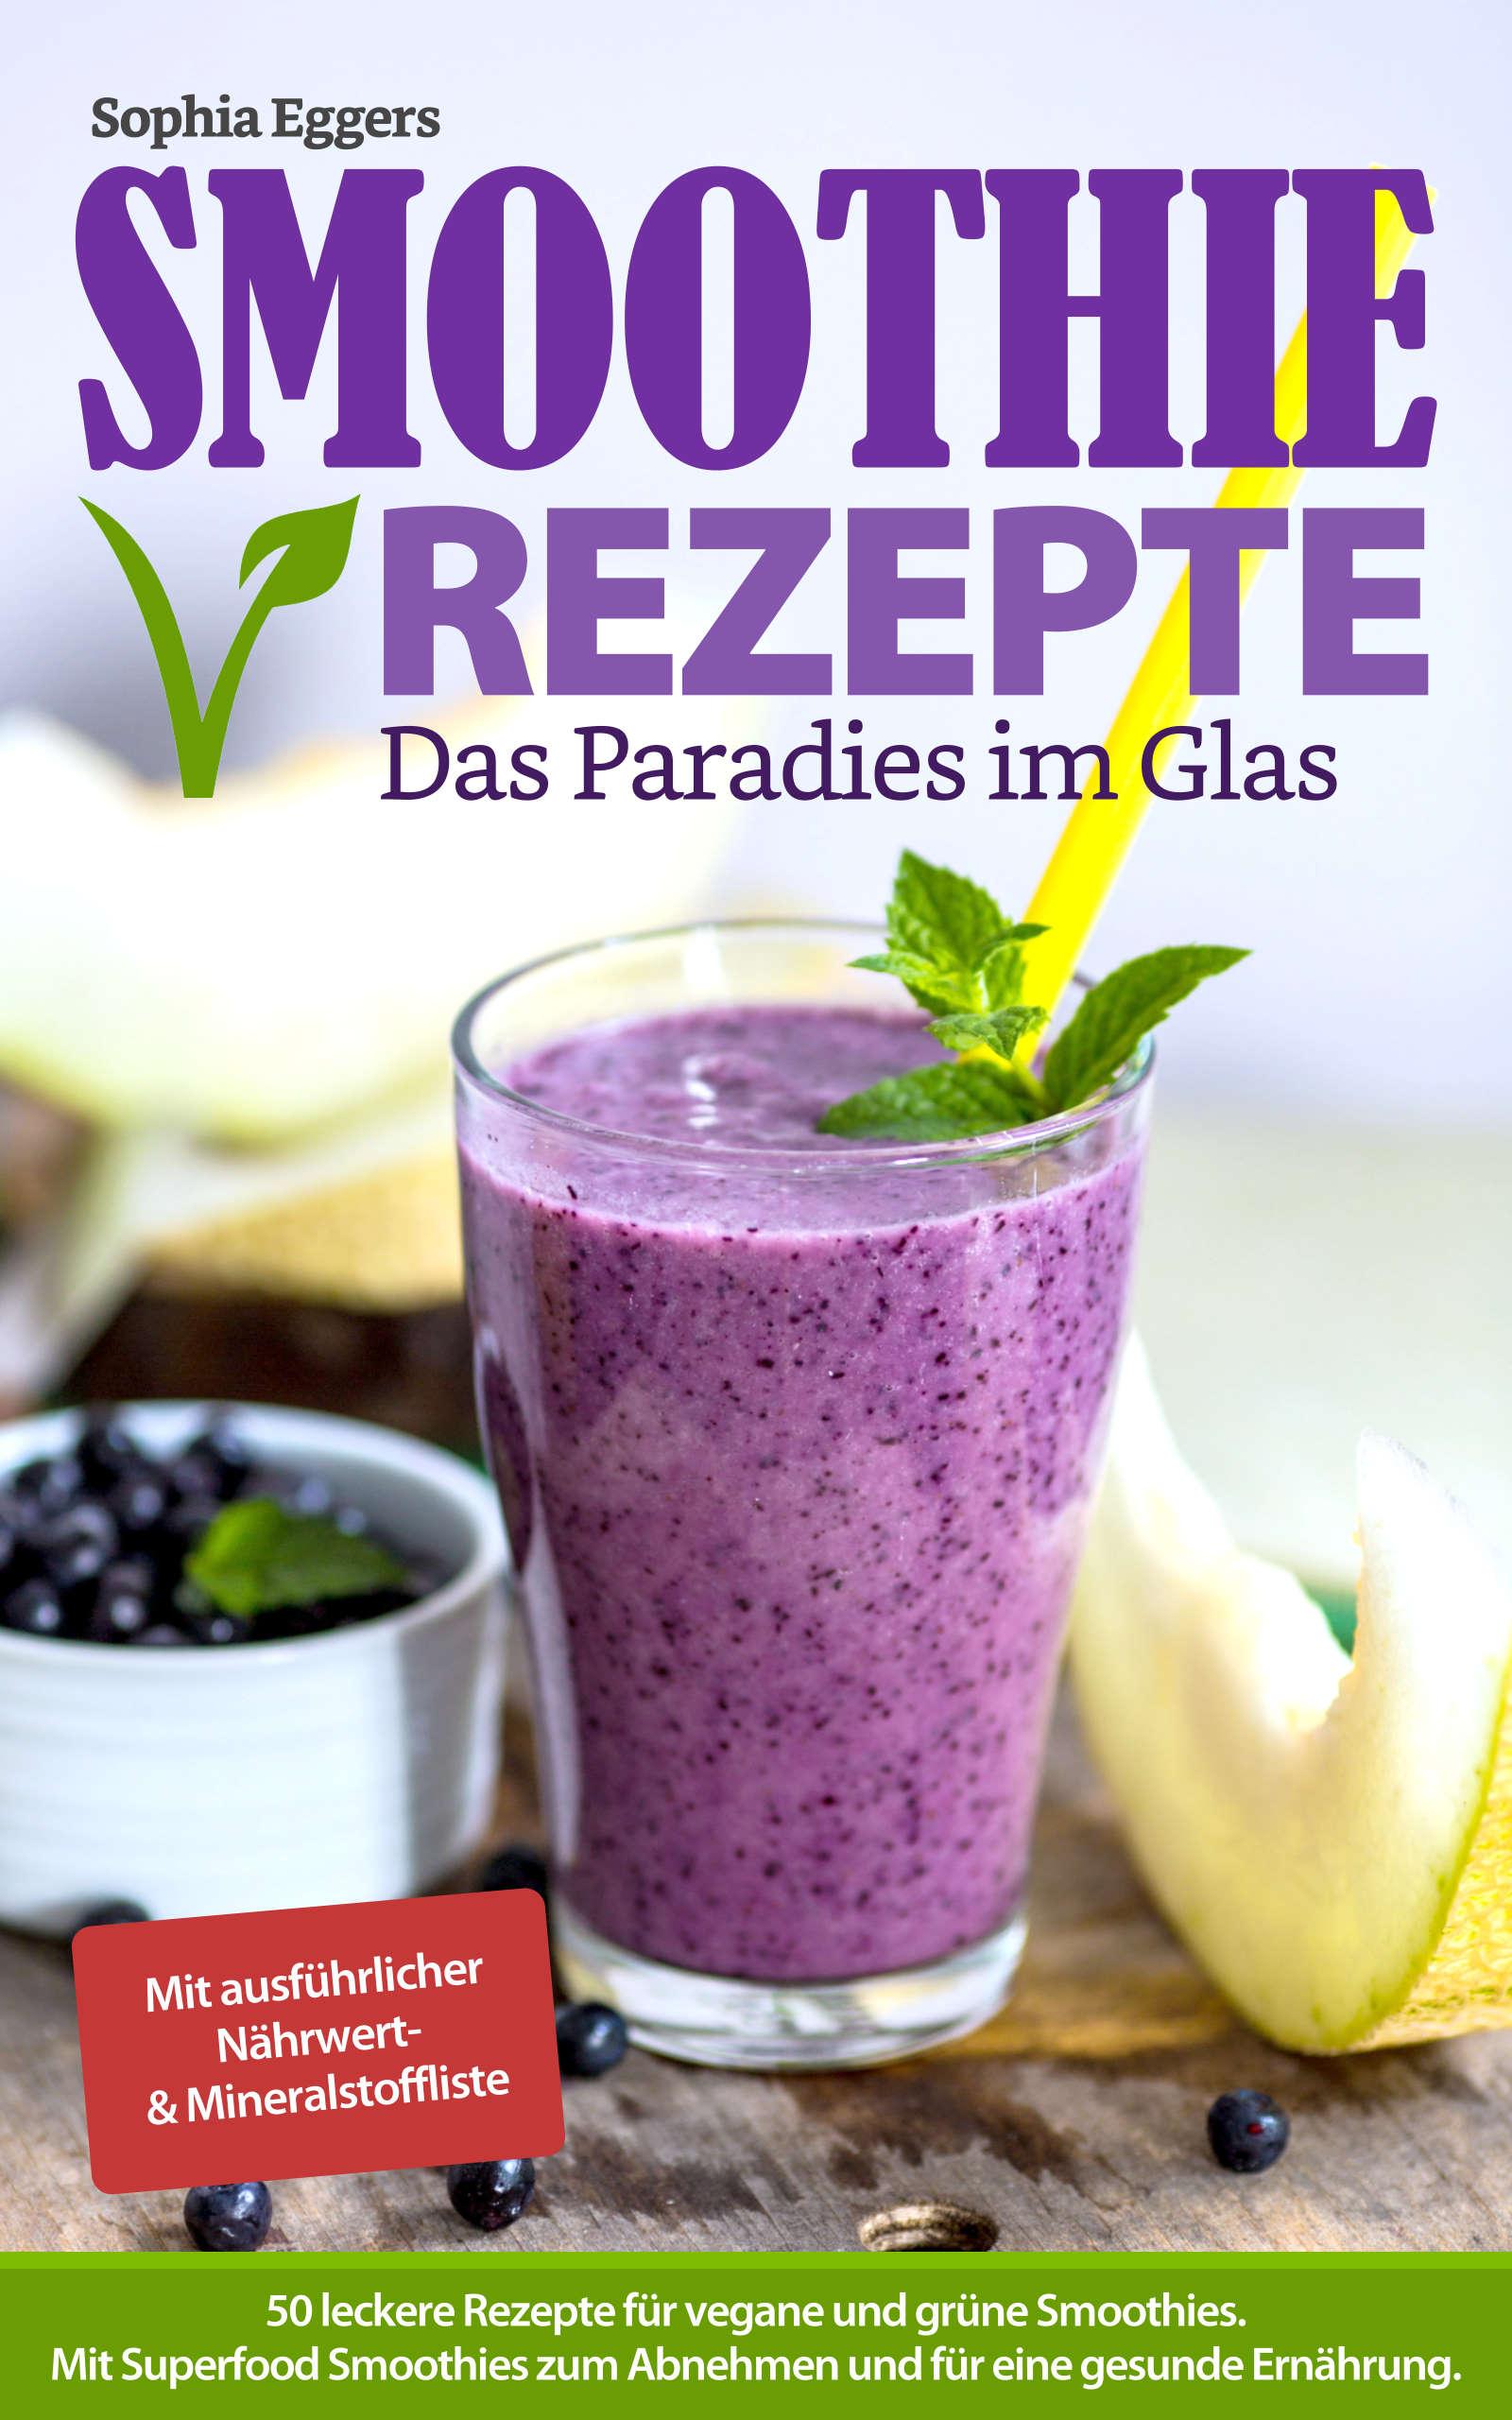 Sophia Eggers – Smoothie Rezepte – Das Paradies im Glas